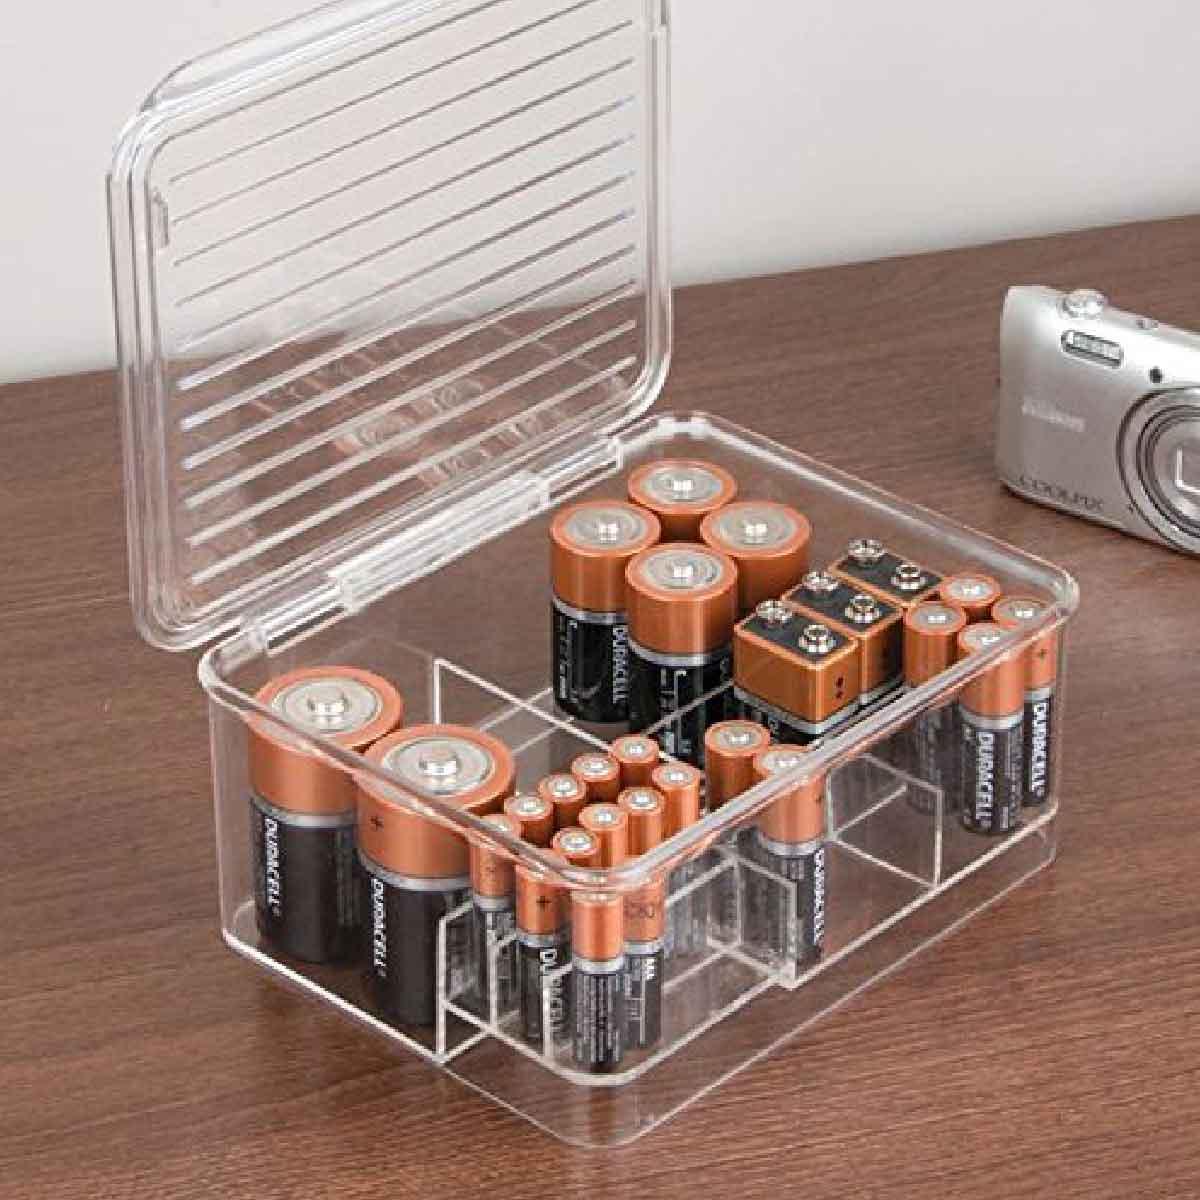 Boîte de rangement pour piles - A compartiments